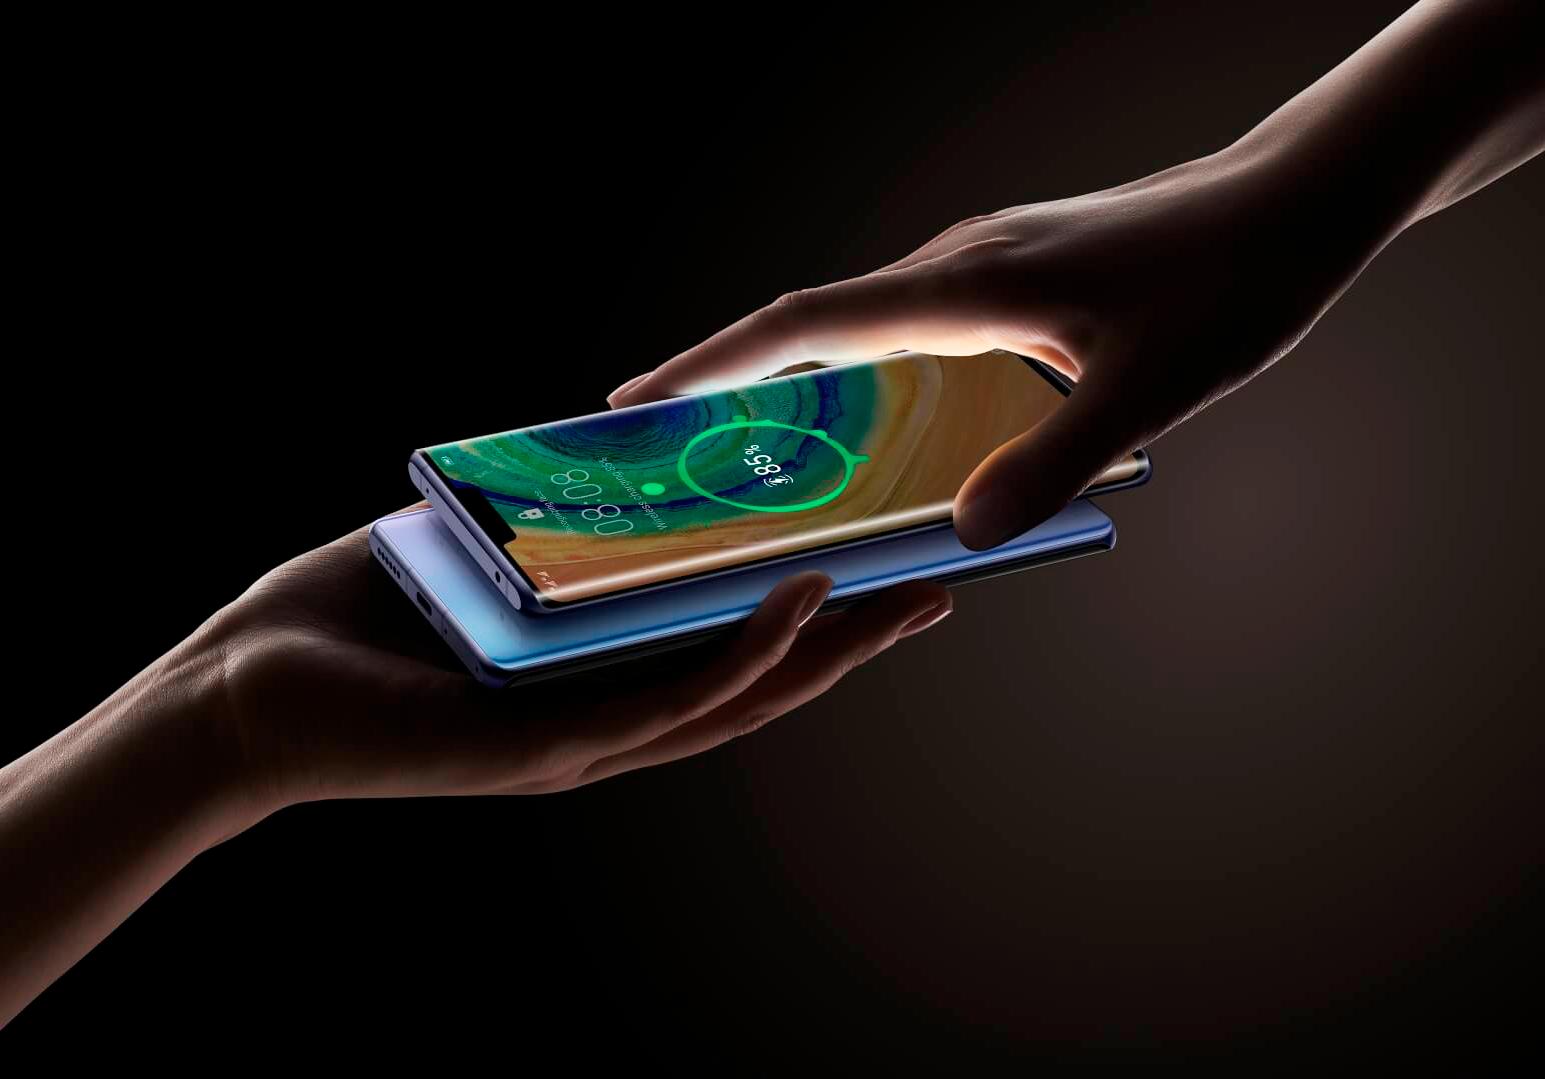 Olvídate de la carga convencional: Xiaomi quiere cargar el móvil por el sonido